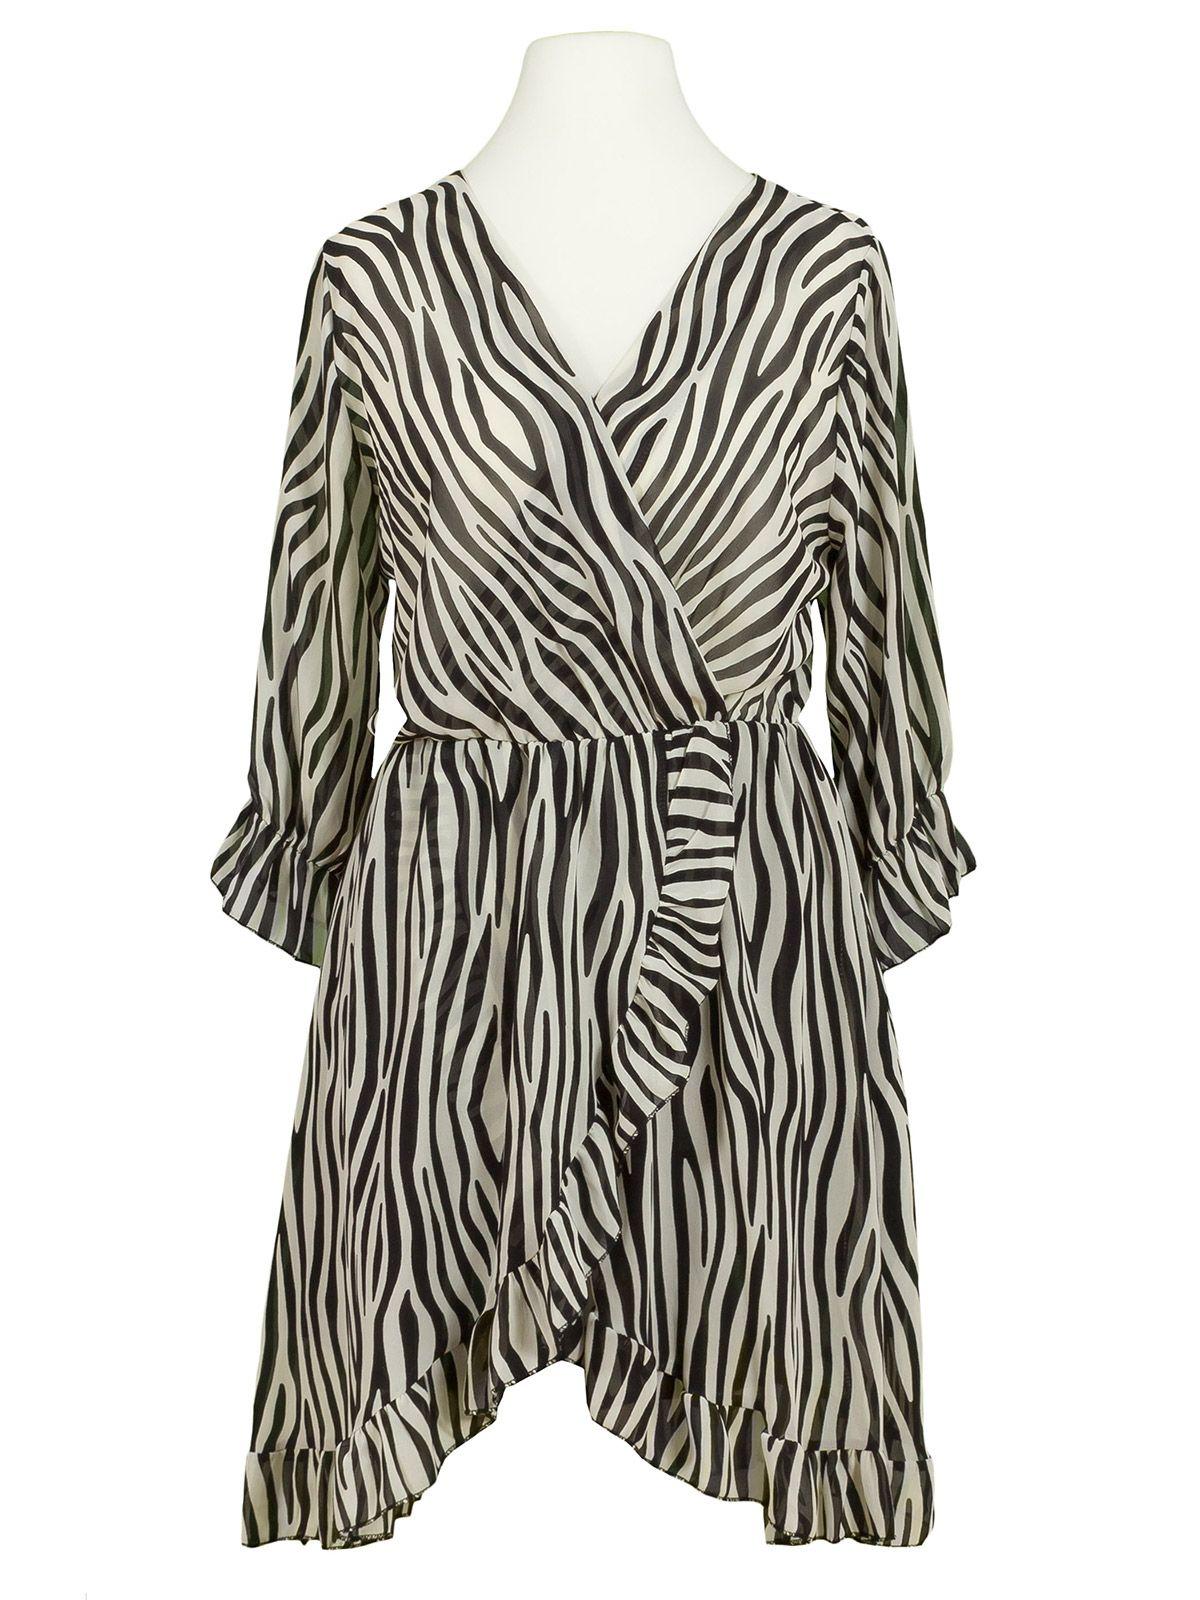 schwarz und weiß kleid coat shop 3bf3a f494d